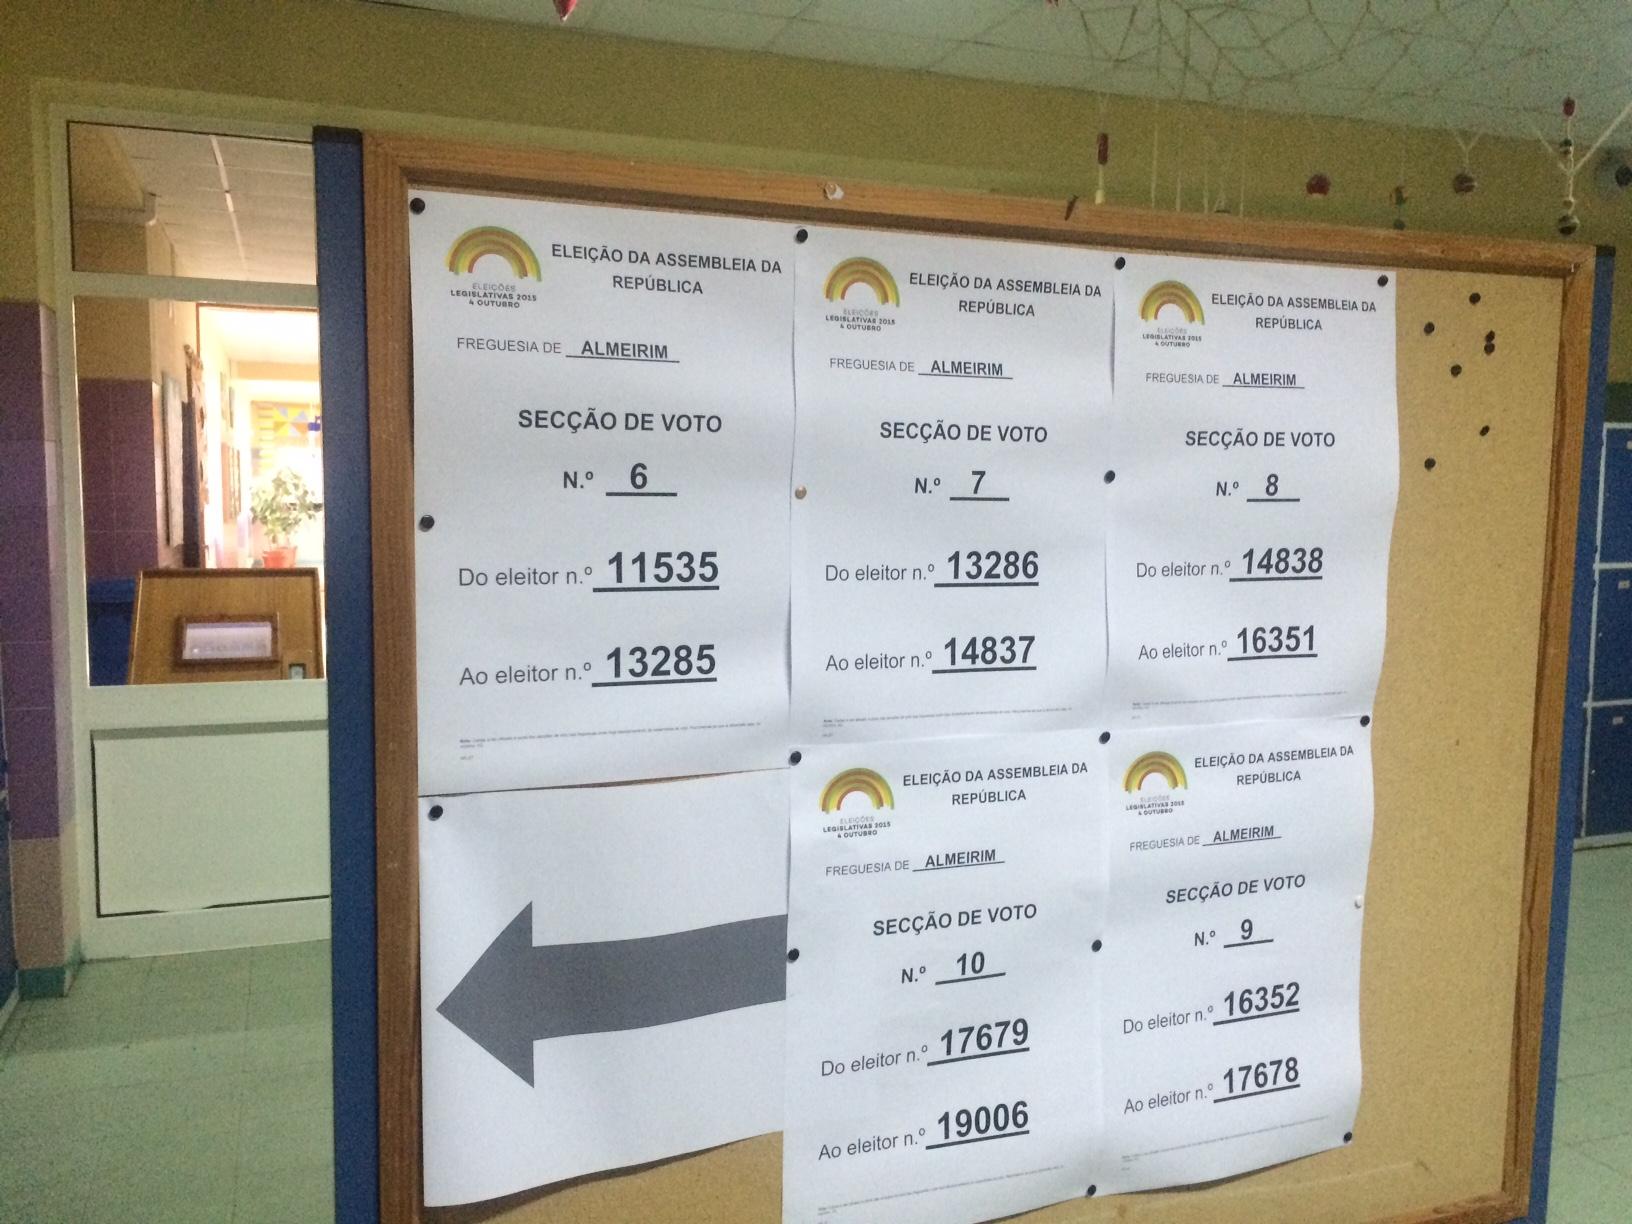 Portugal à Frente ganha eleições. PS vence em Almeirim